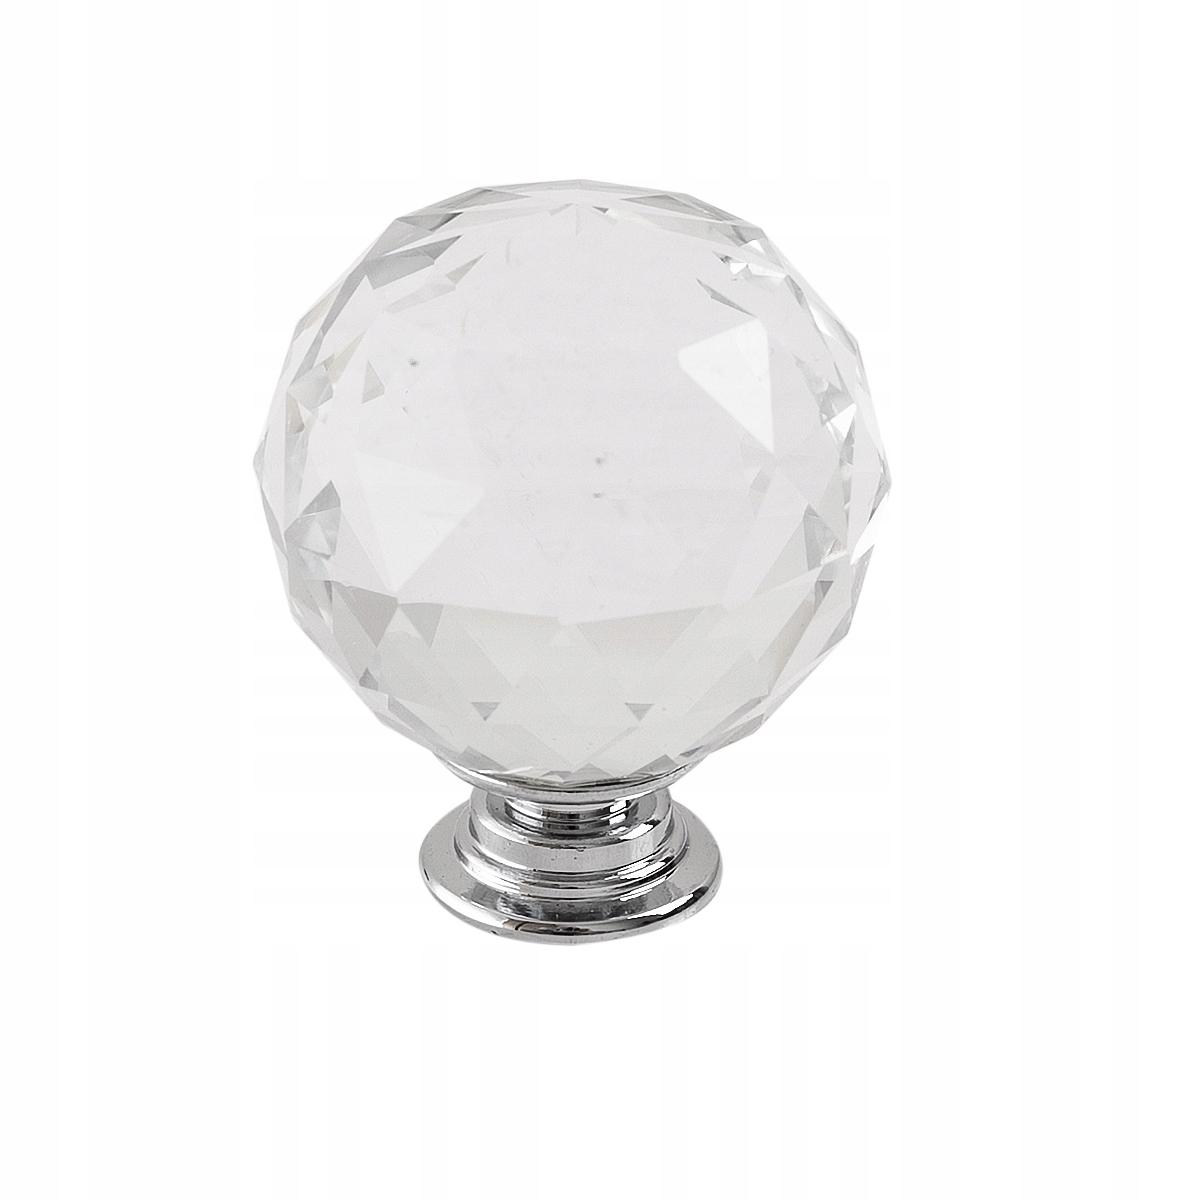 Ручка хрустальный Держатель для мебели 40 мм кристалл